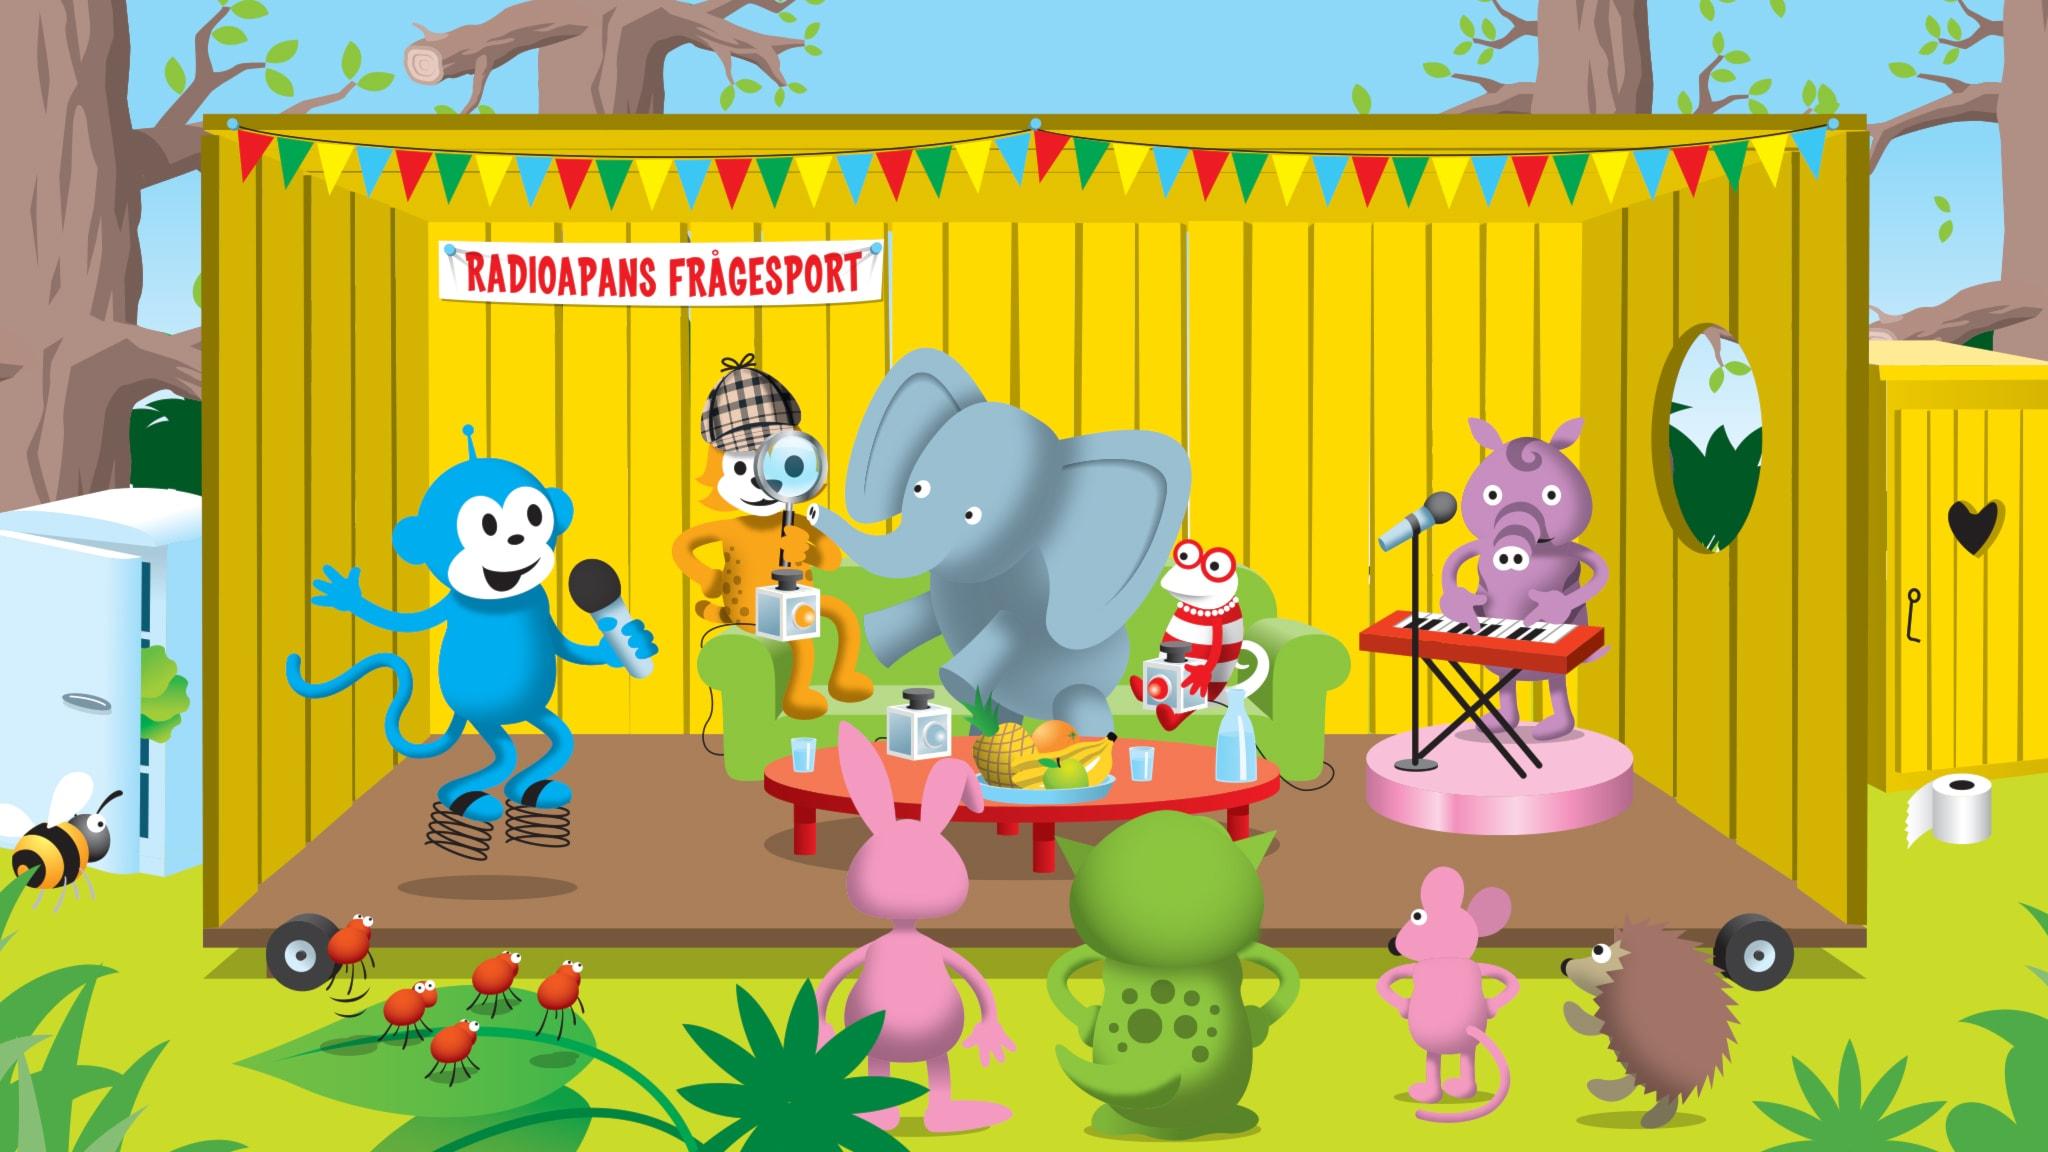 Del 7: Hur vet man att det varit en elefant i kylskåpet?